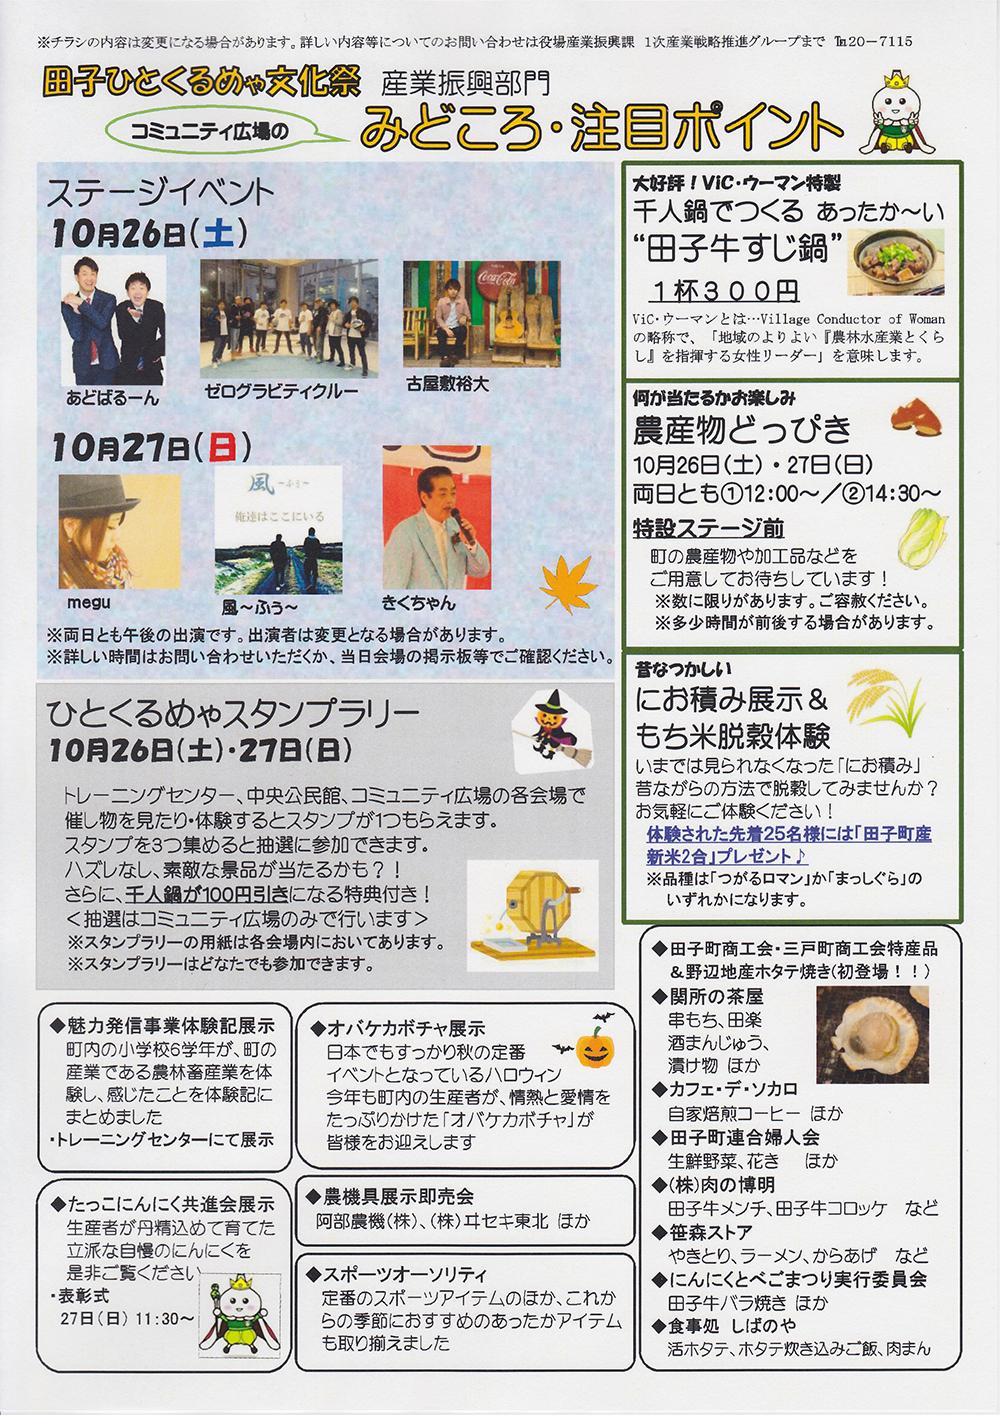 青森県田子町「ひとくるめゃ文化祭」